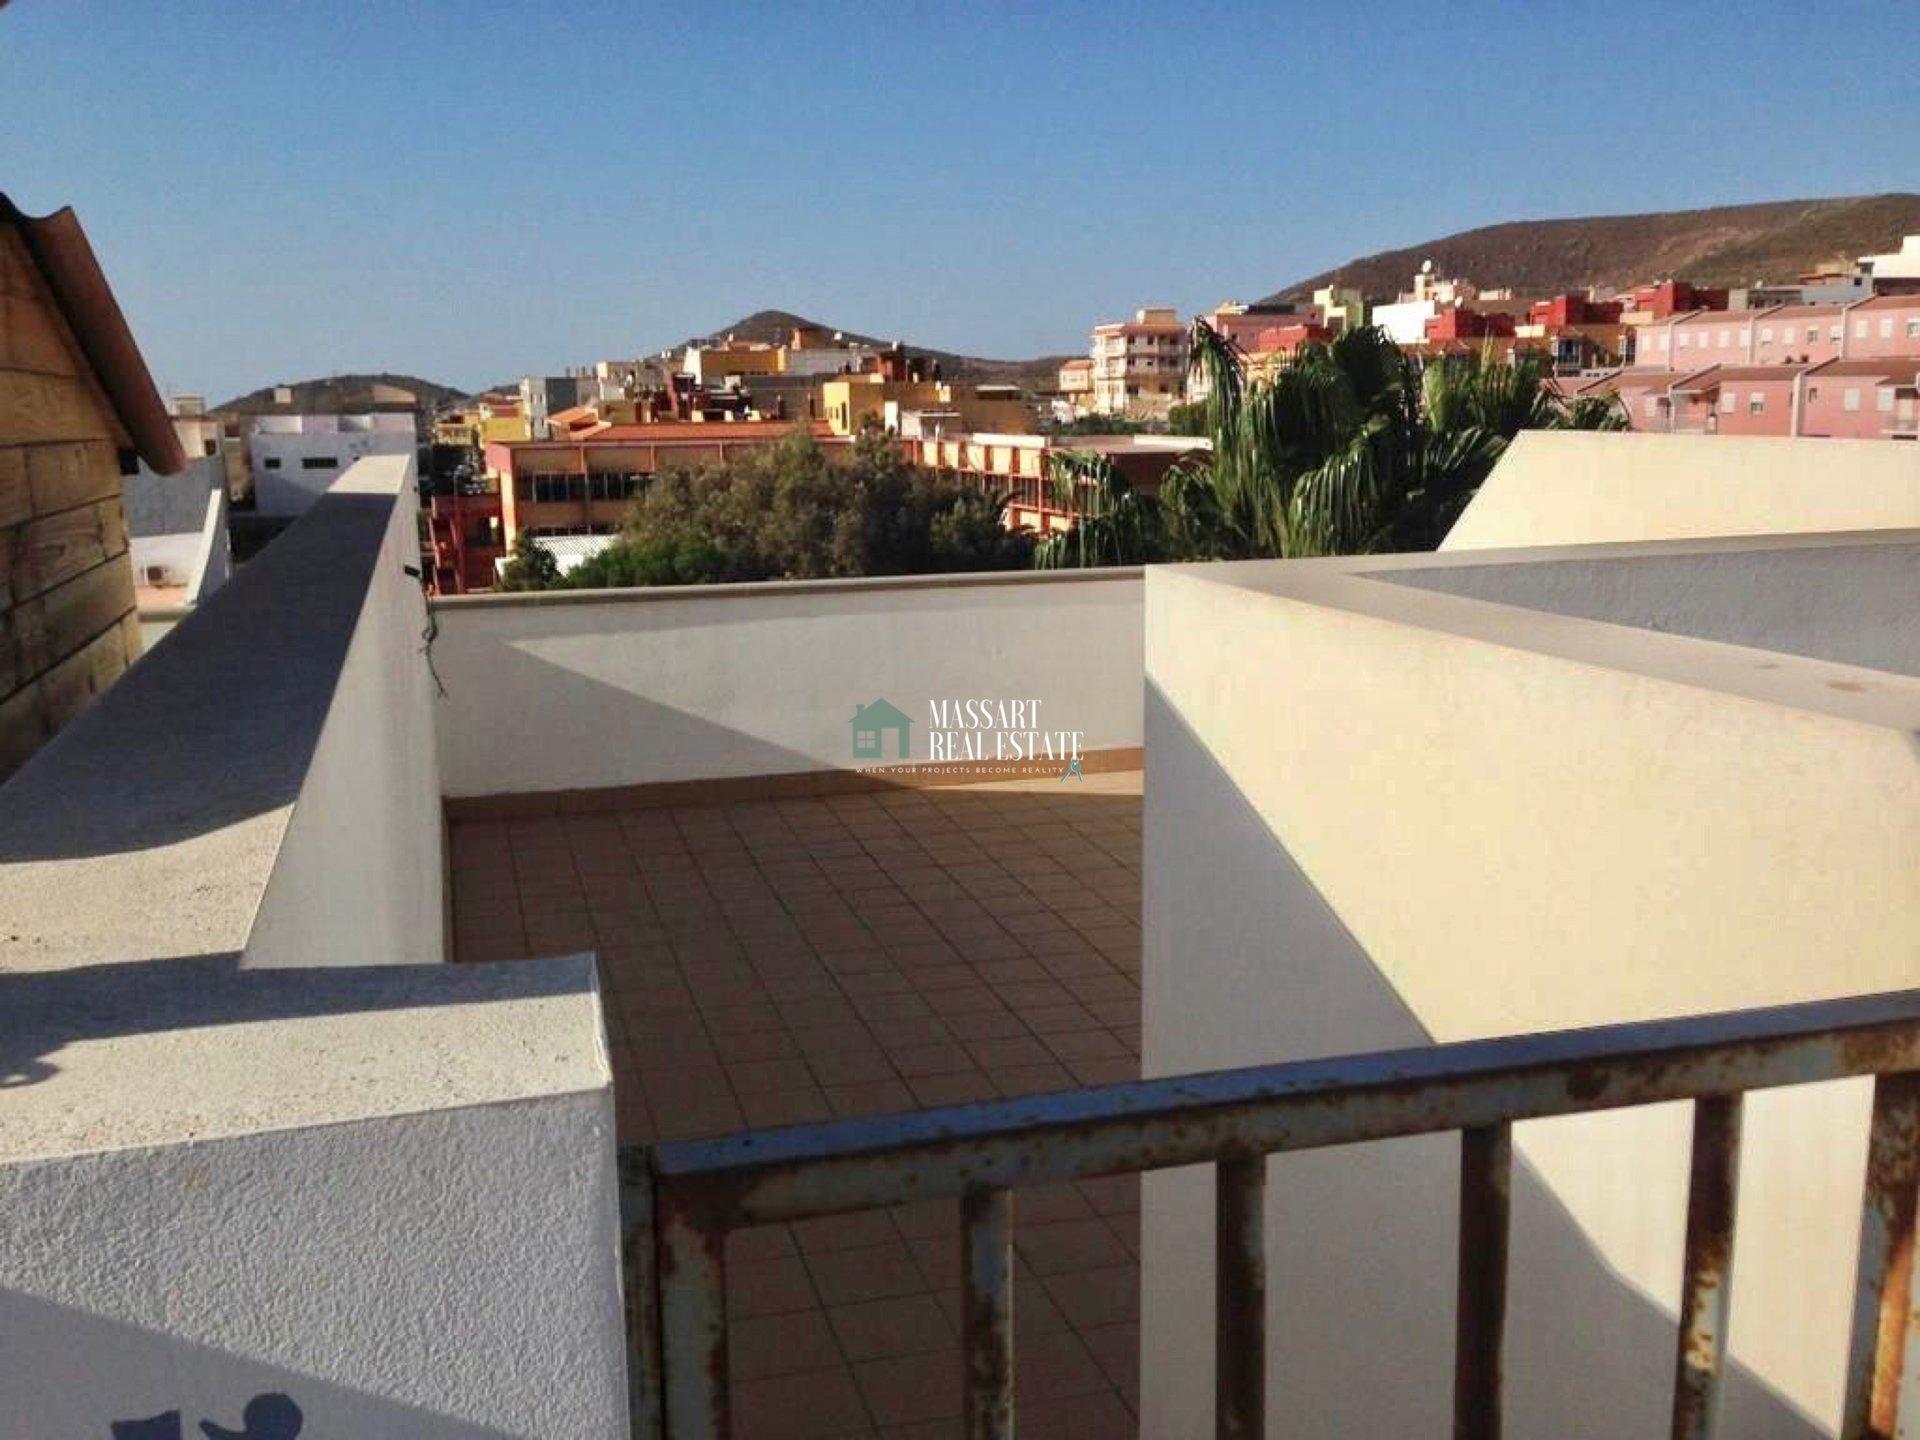 Appartamento di circa 45 mq situato in una zona centrale di San Isidro, caratterizzato dall'offerta di un ampio terrazzo privato.